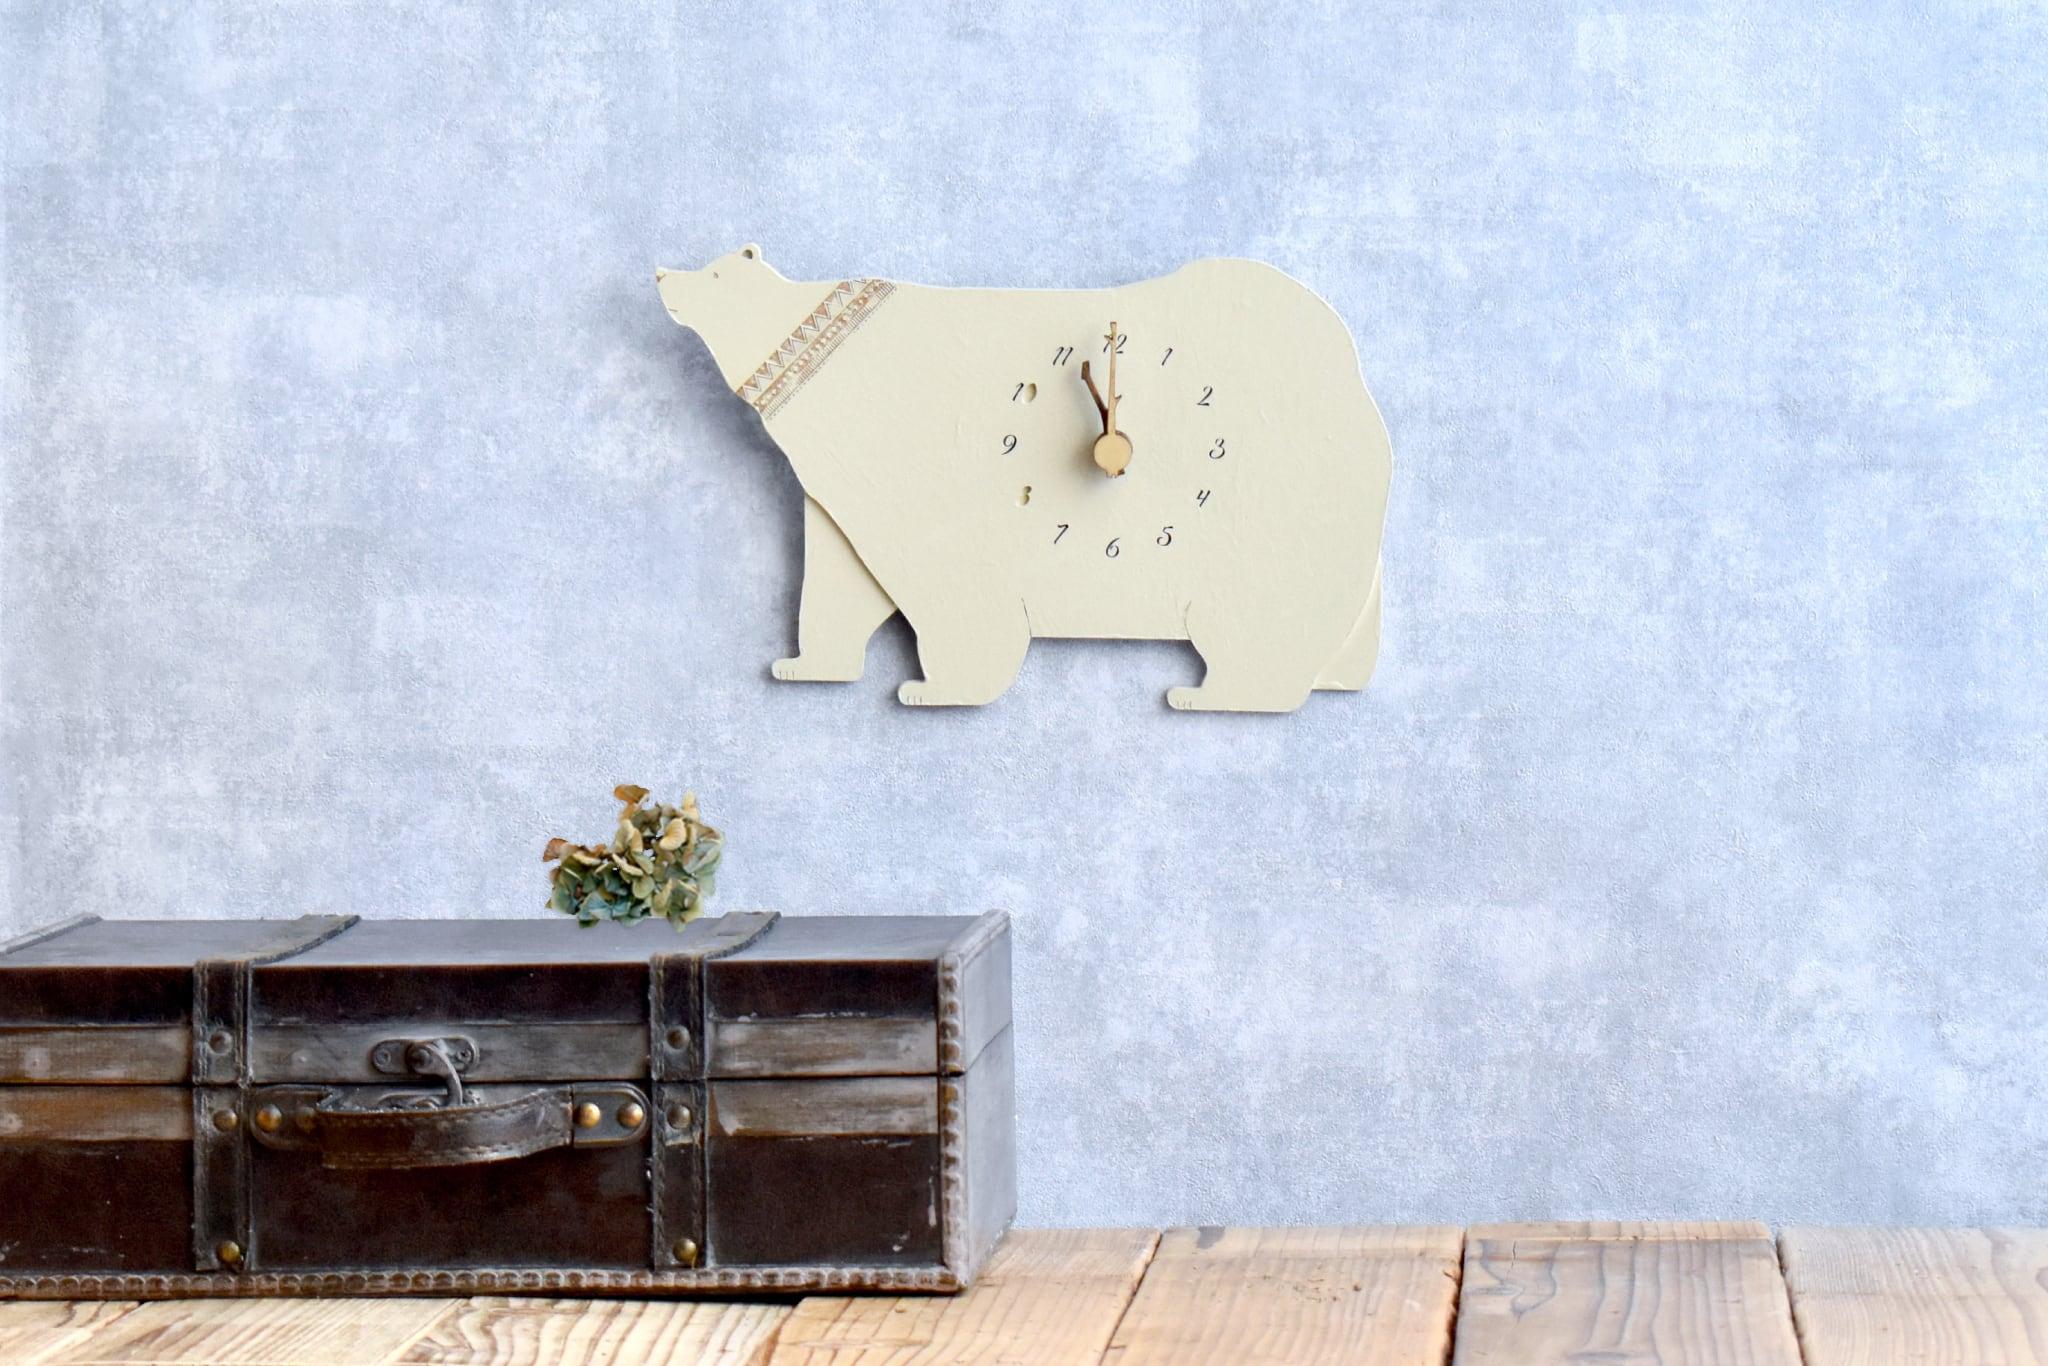 エスニックパターンが印象的なシロクマの時計 掛け時計 木製時計